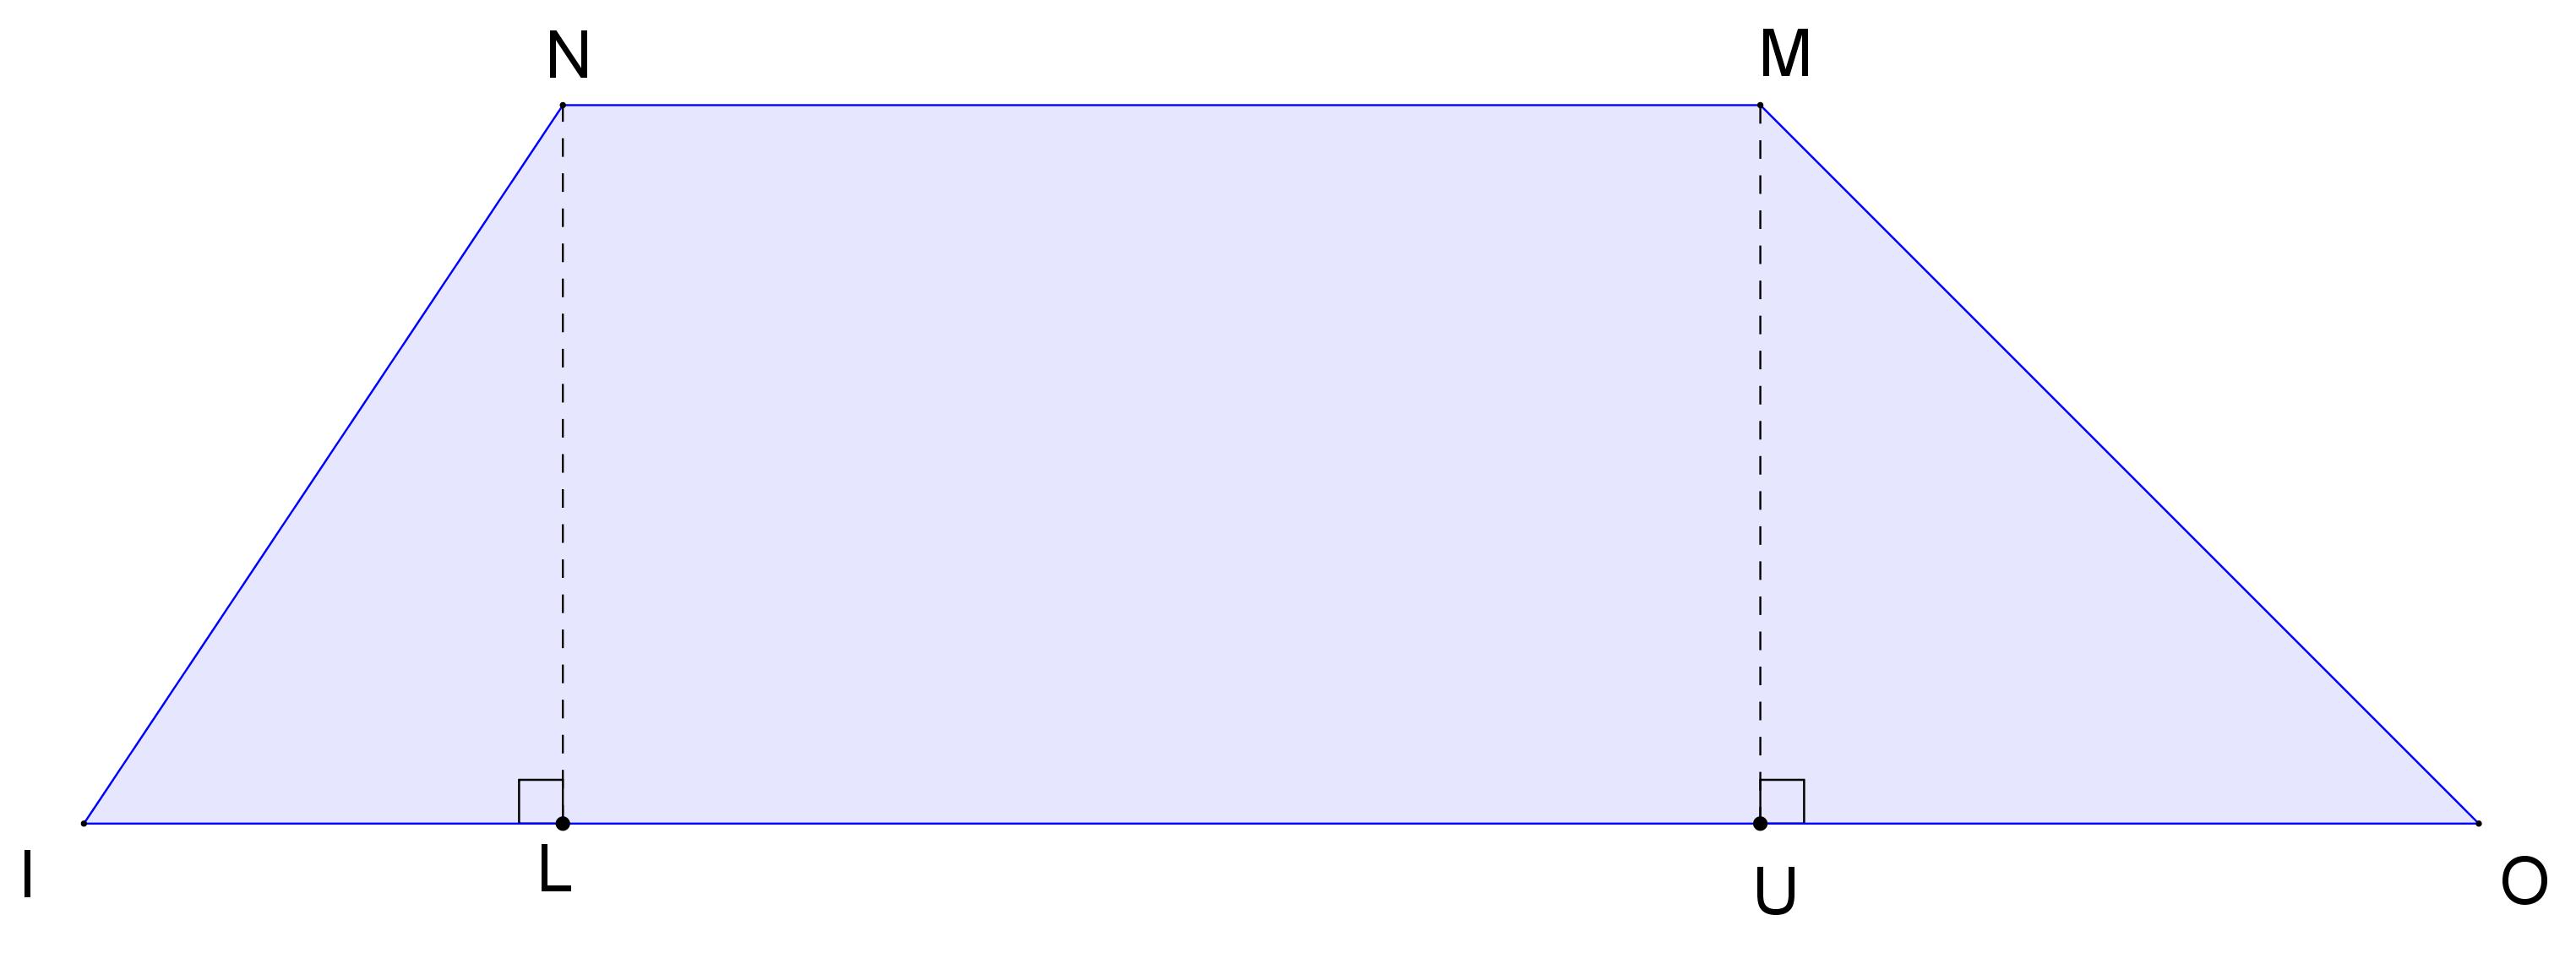 Mathplace exercice_5e_perimetre_aire-11-1 Exercice 6 : aire d'un trapèze